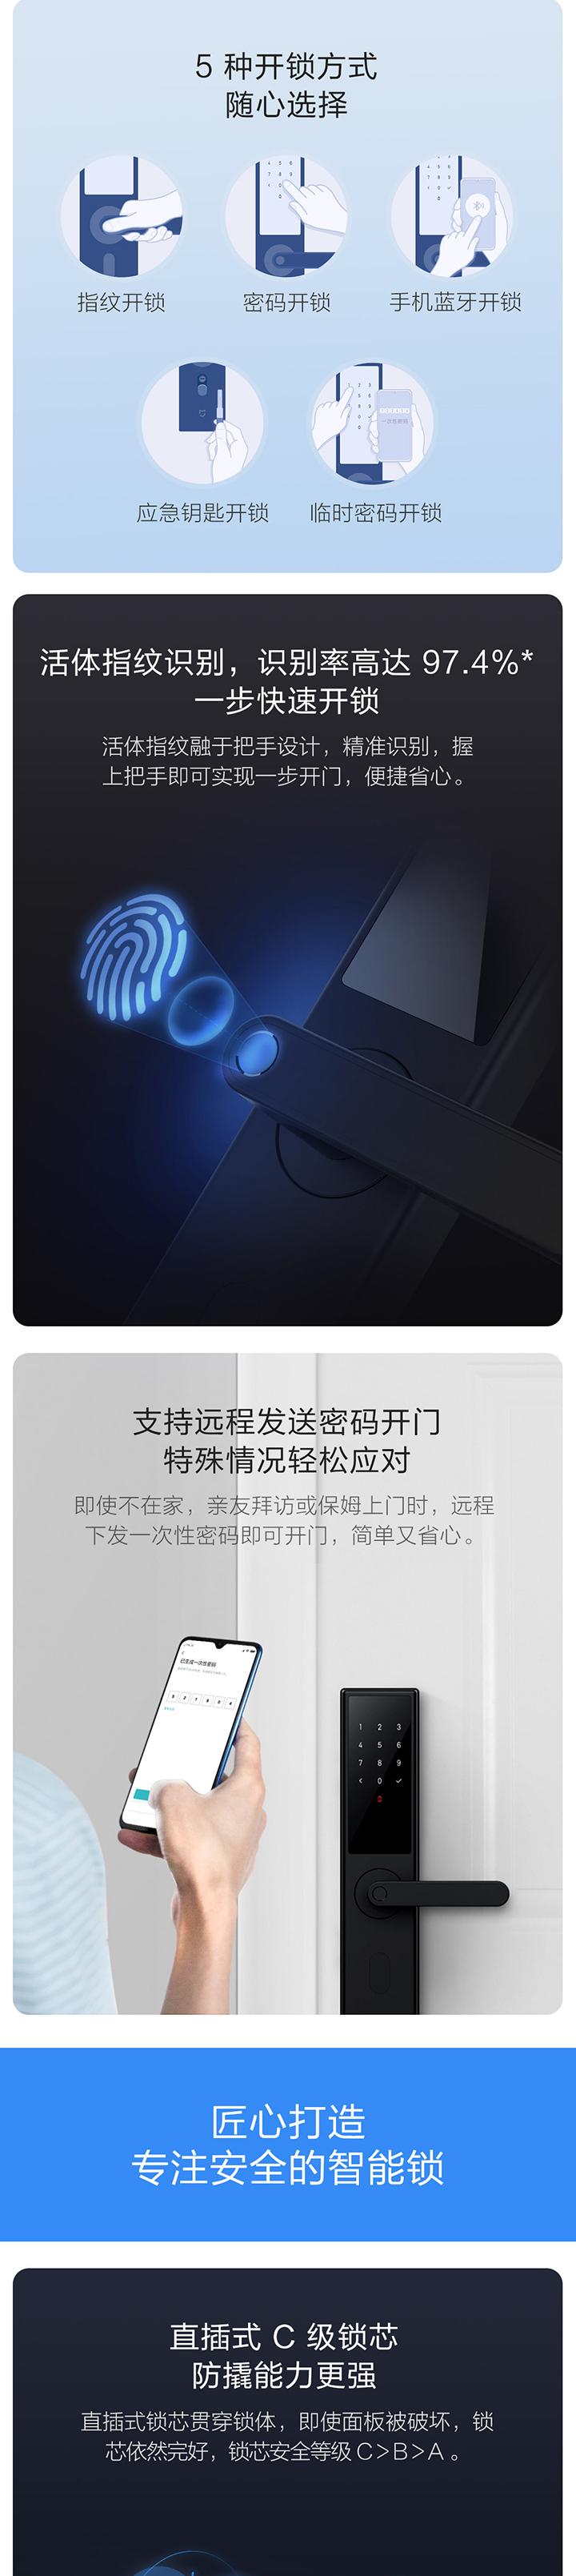 小米米家智能门锁青春版免费试用,评测